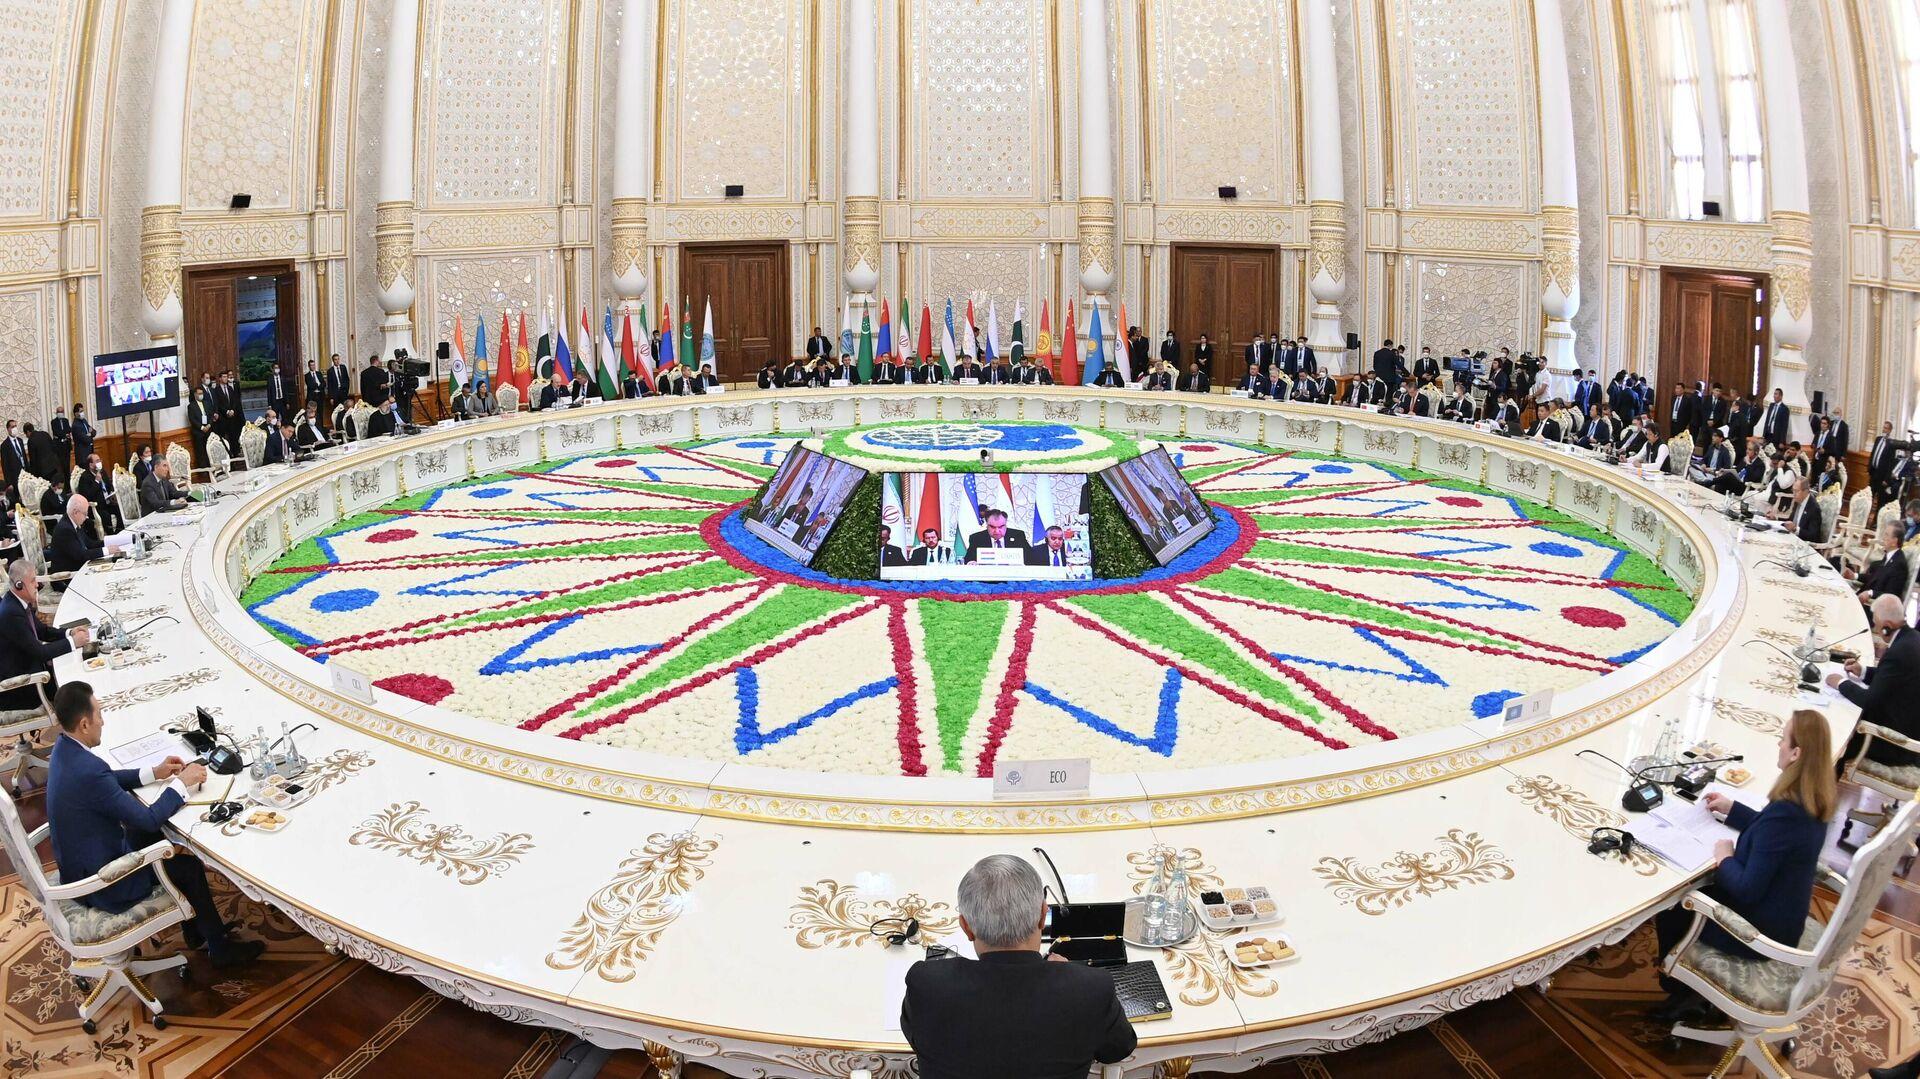 Заседание Совета глав государств Шанхайской организации сотрудничества - Sputnik Таджикистан, 1920, 18.09.2021